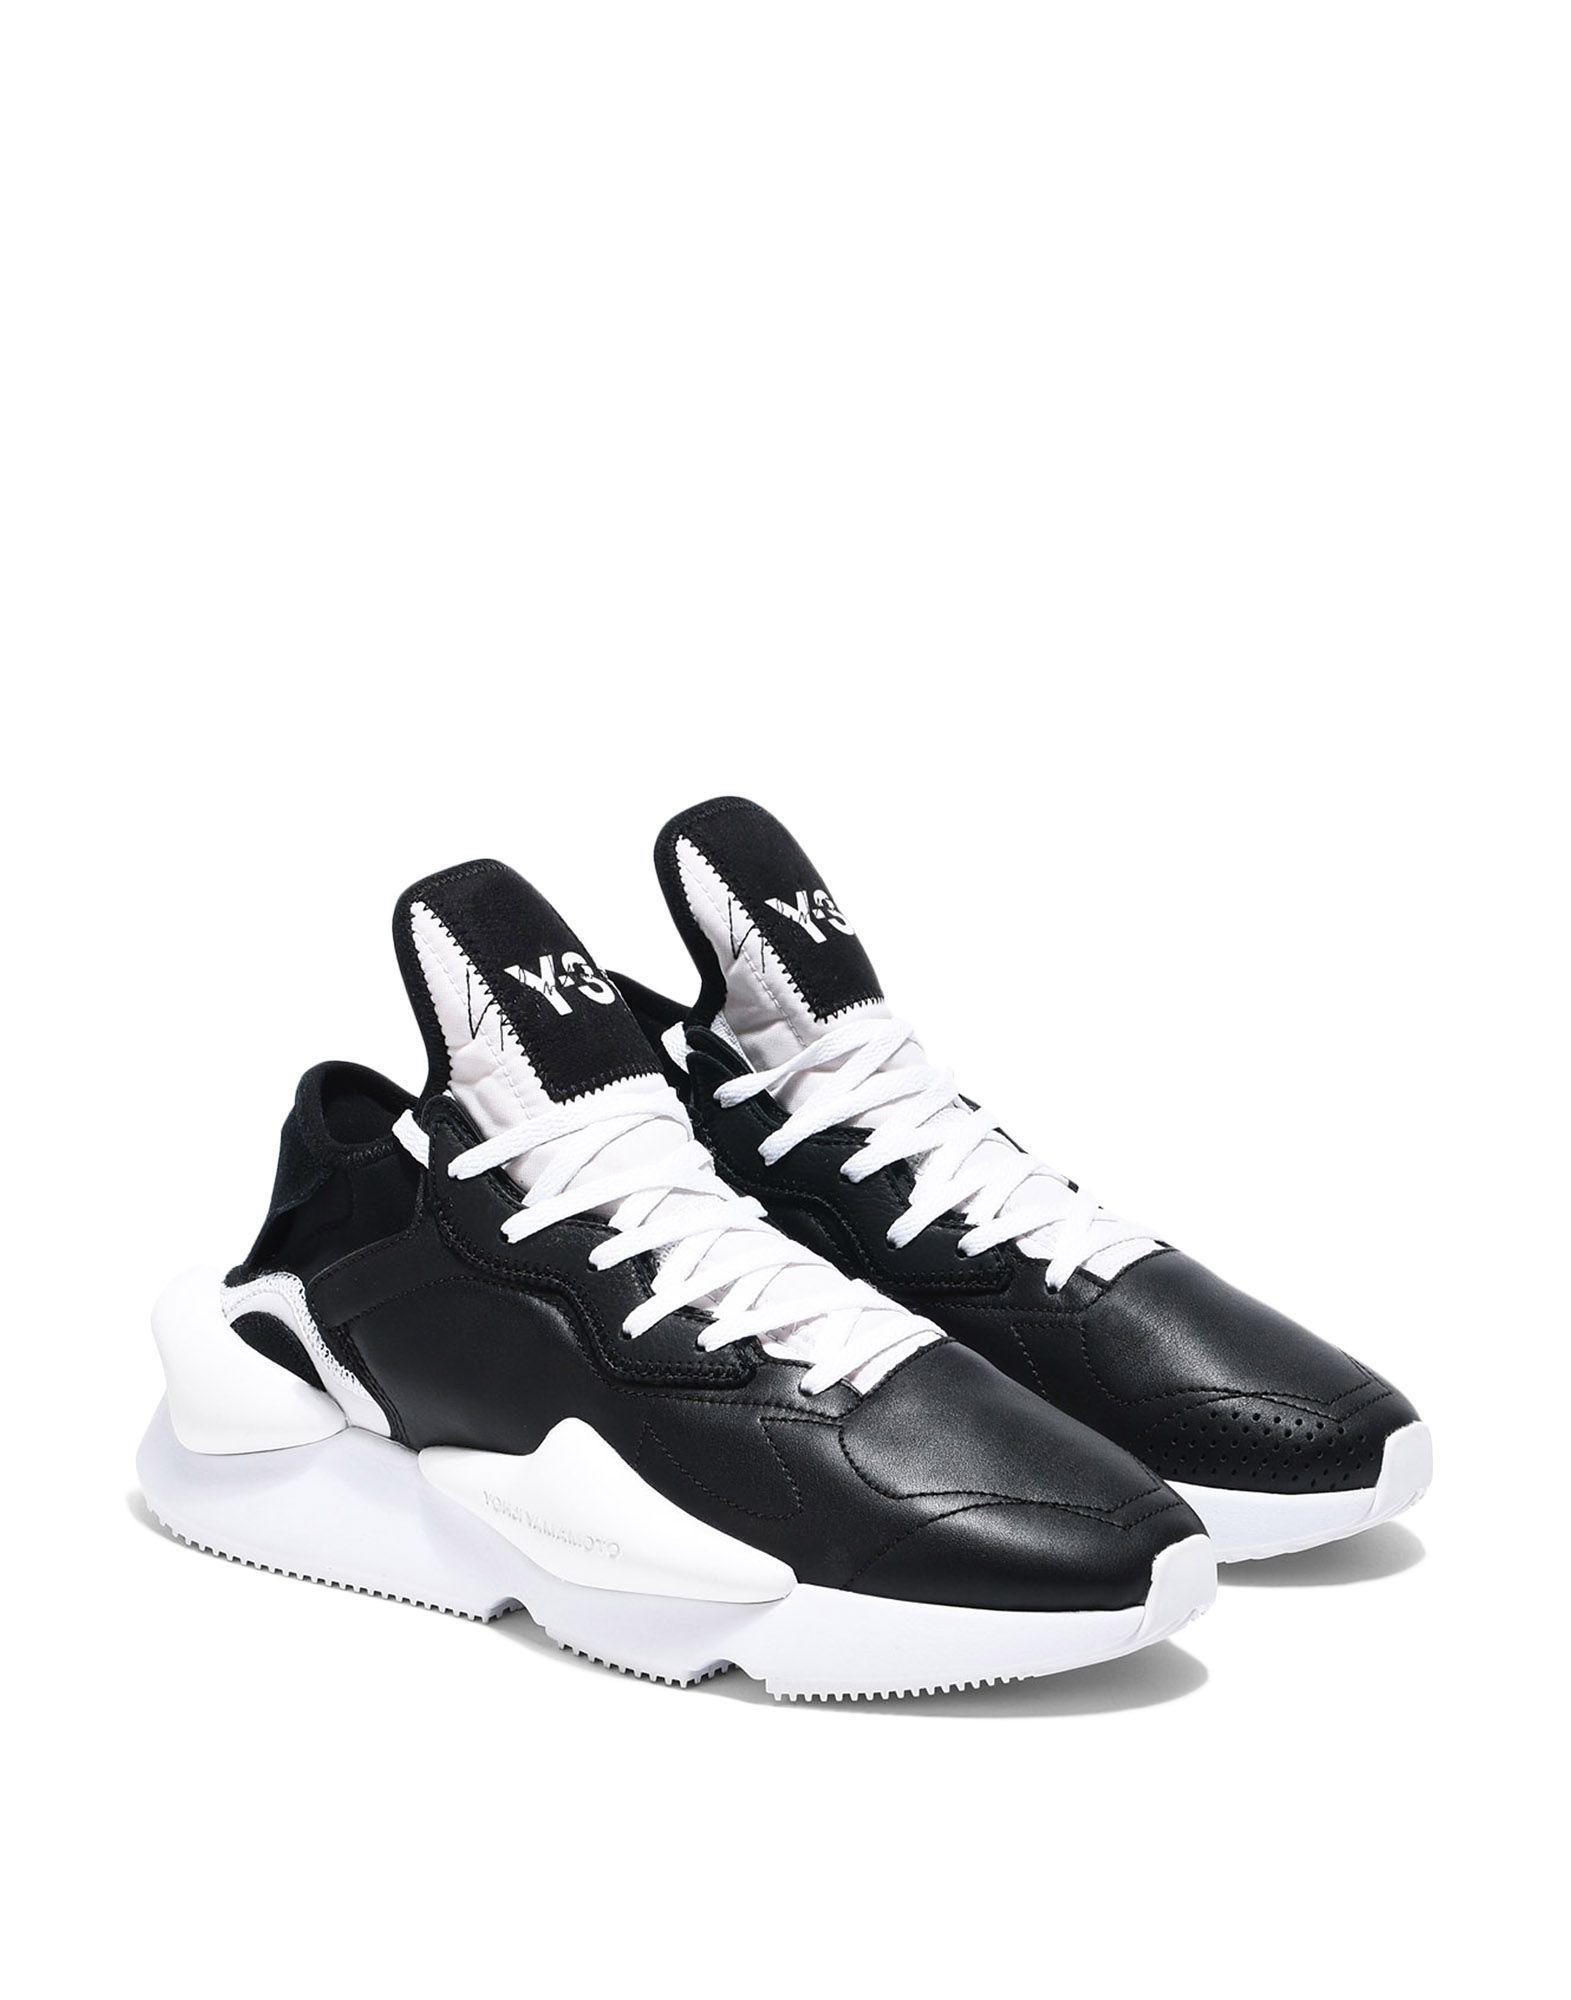 ed079ffe1 Y-3 Kaiwa SHOES unisex Y-3 adidas